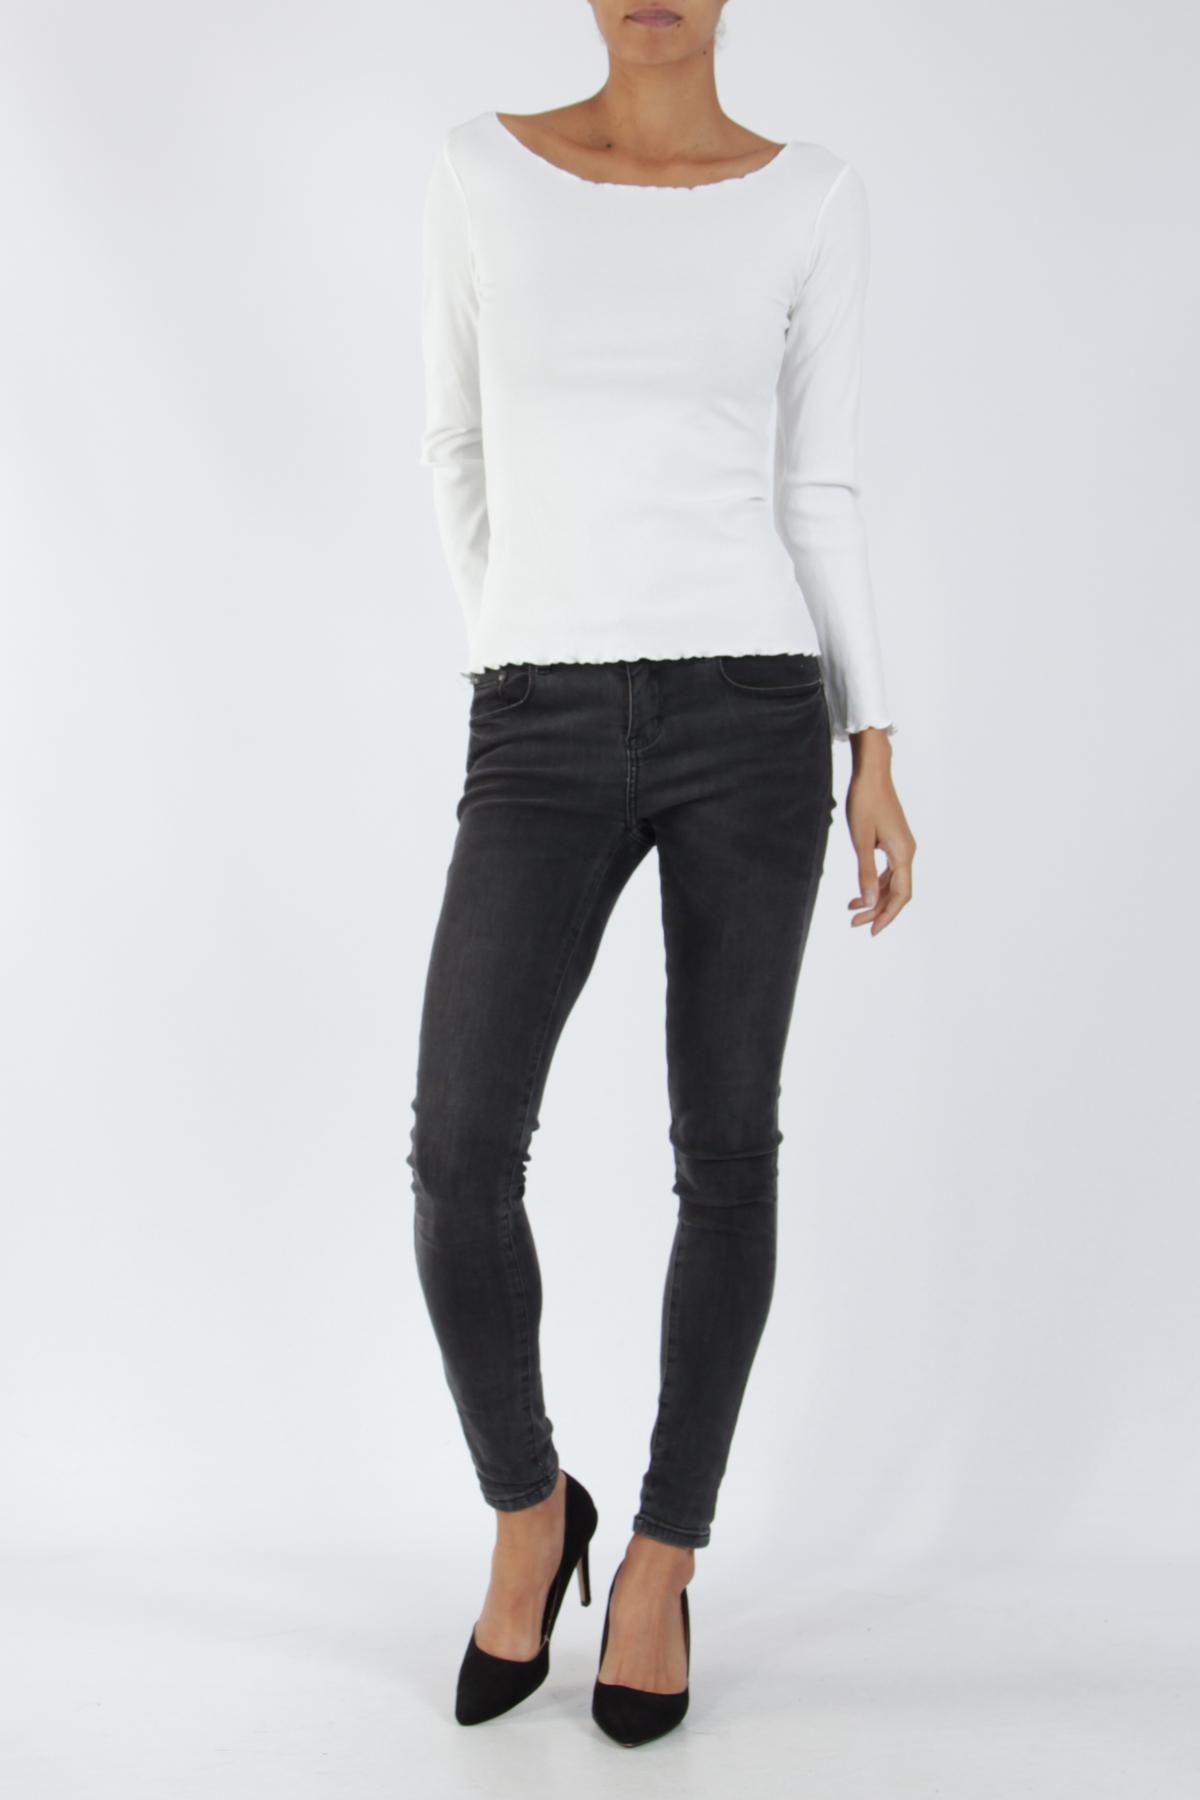 Tops Femme Blanc ELLE STYLE 80800 #c eFashion Paris